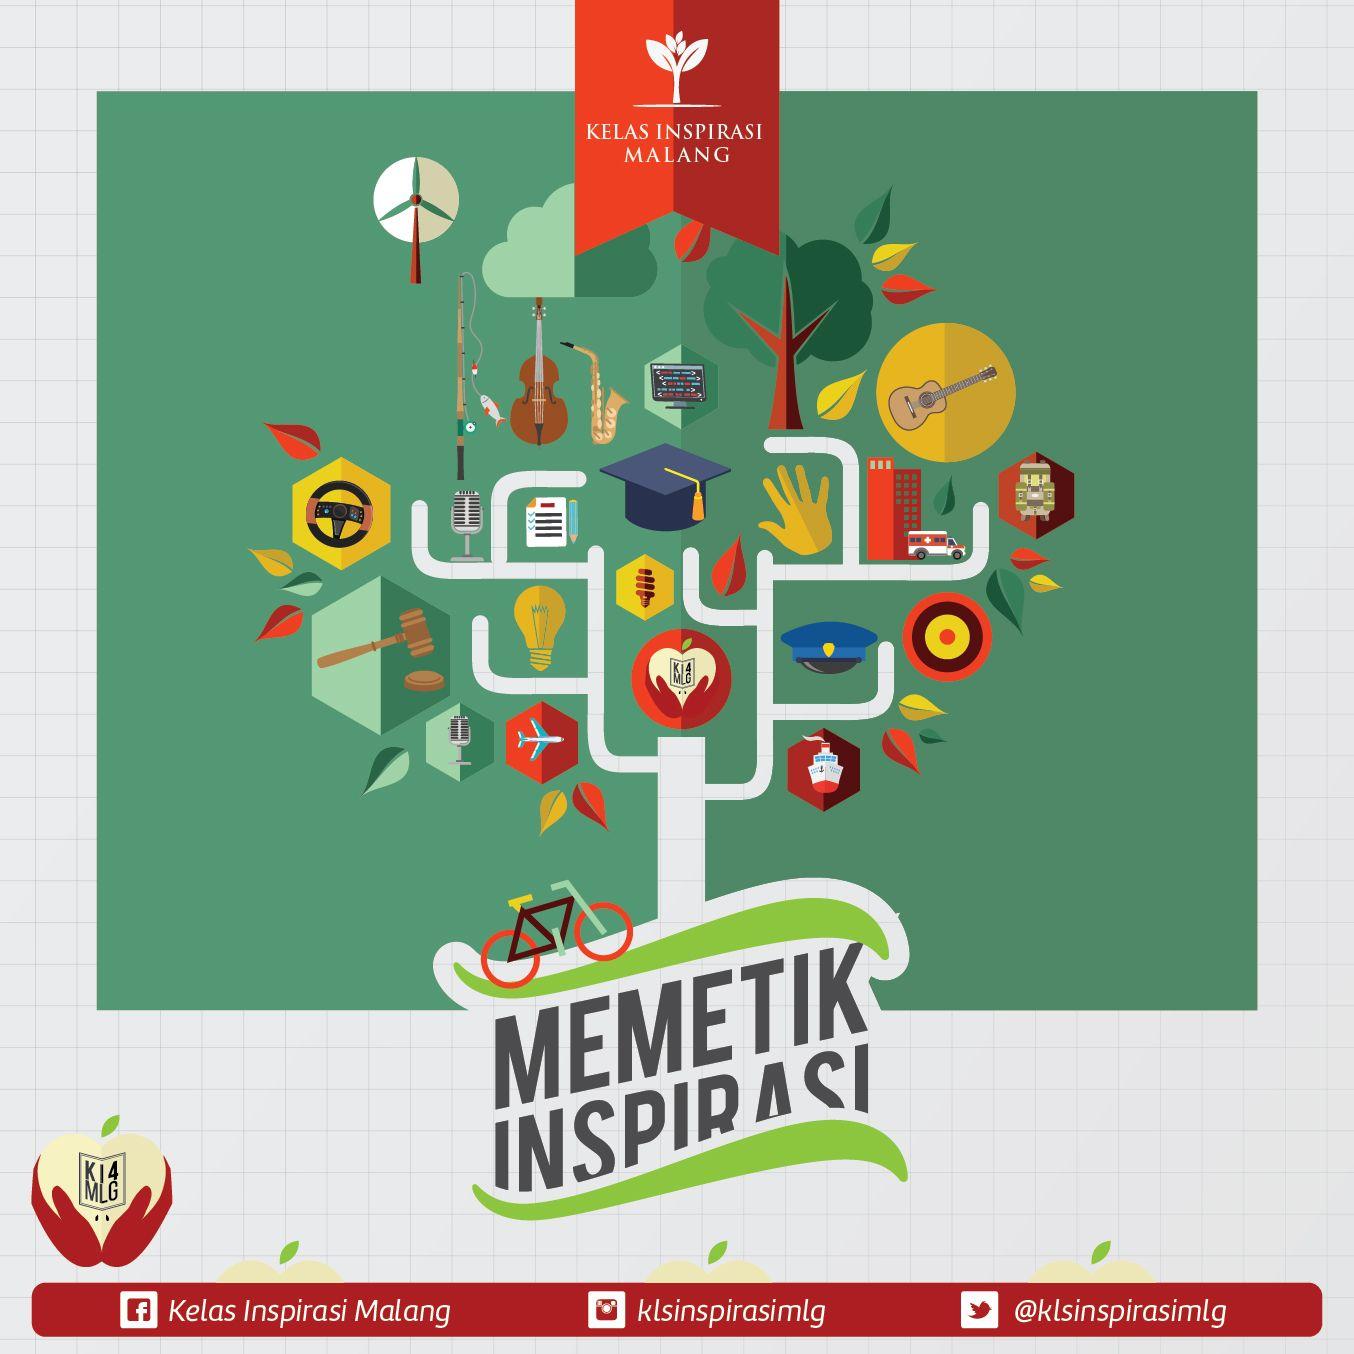 Poster Kelas Inspirasi Malang by dehafroWorks 2016 artwork